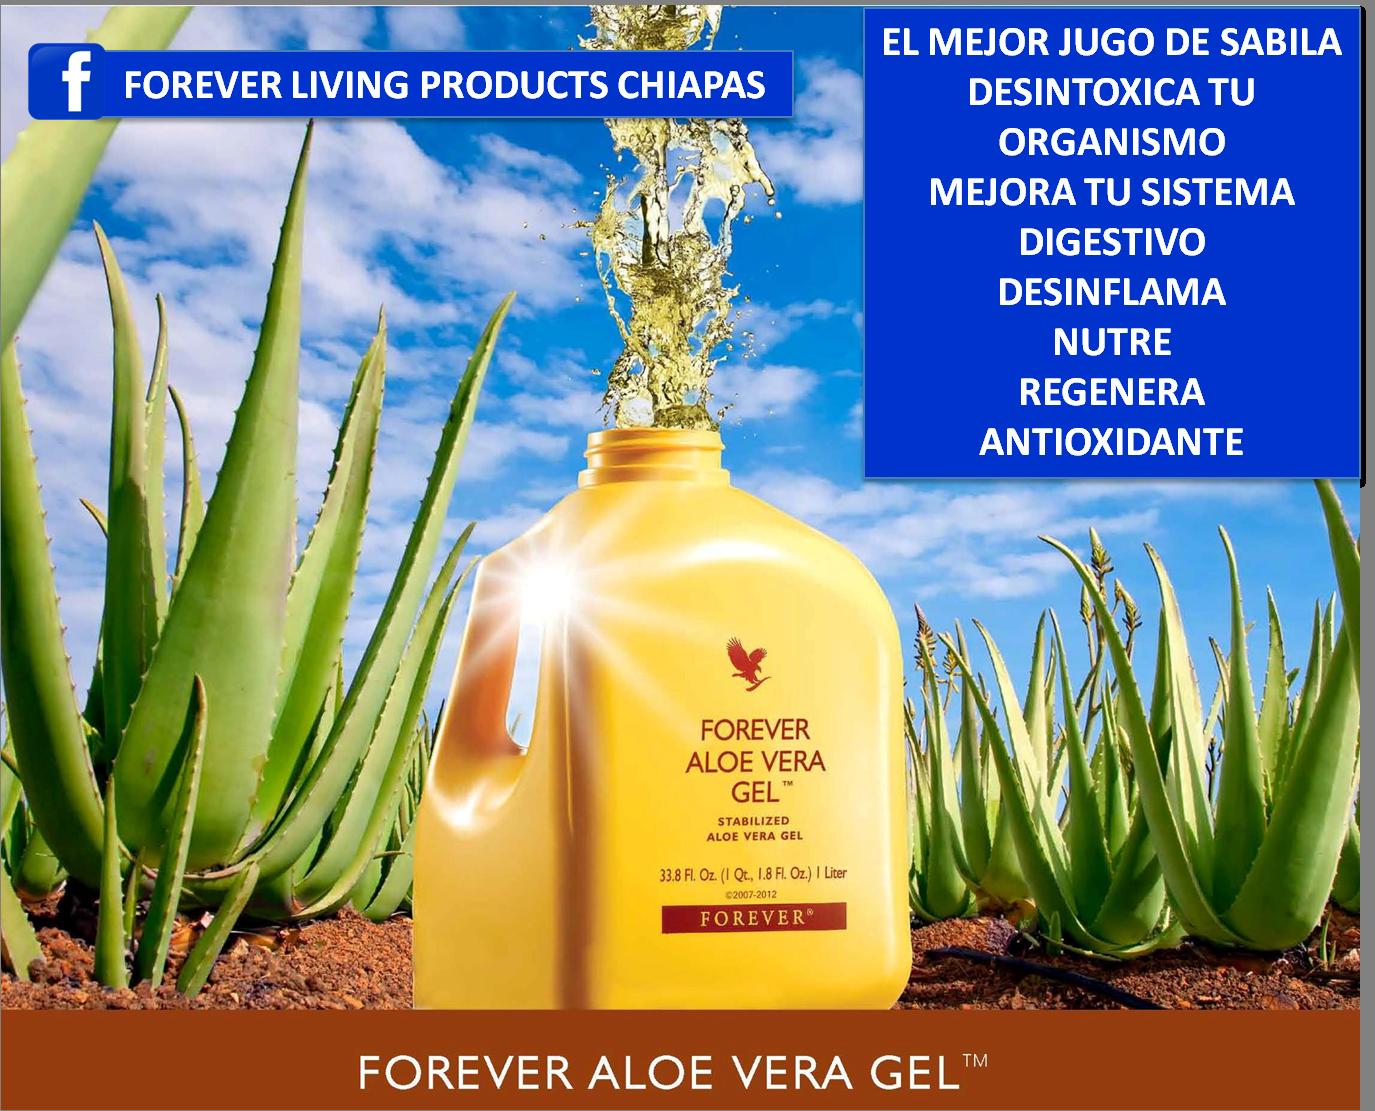 Forever Living Chiapas Productos Imperecederos Bebida De Aloe Vera Forever Aloe